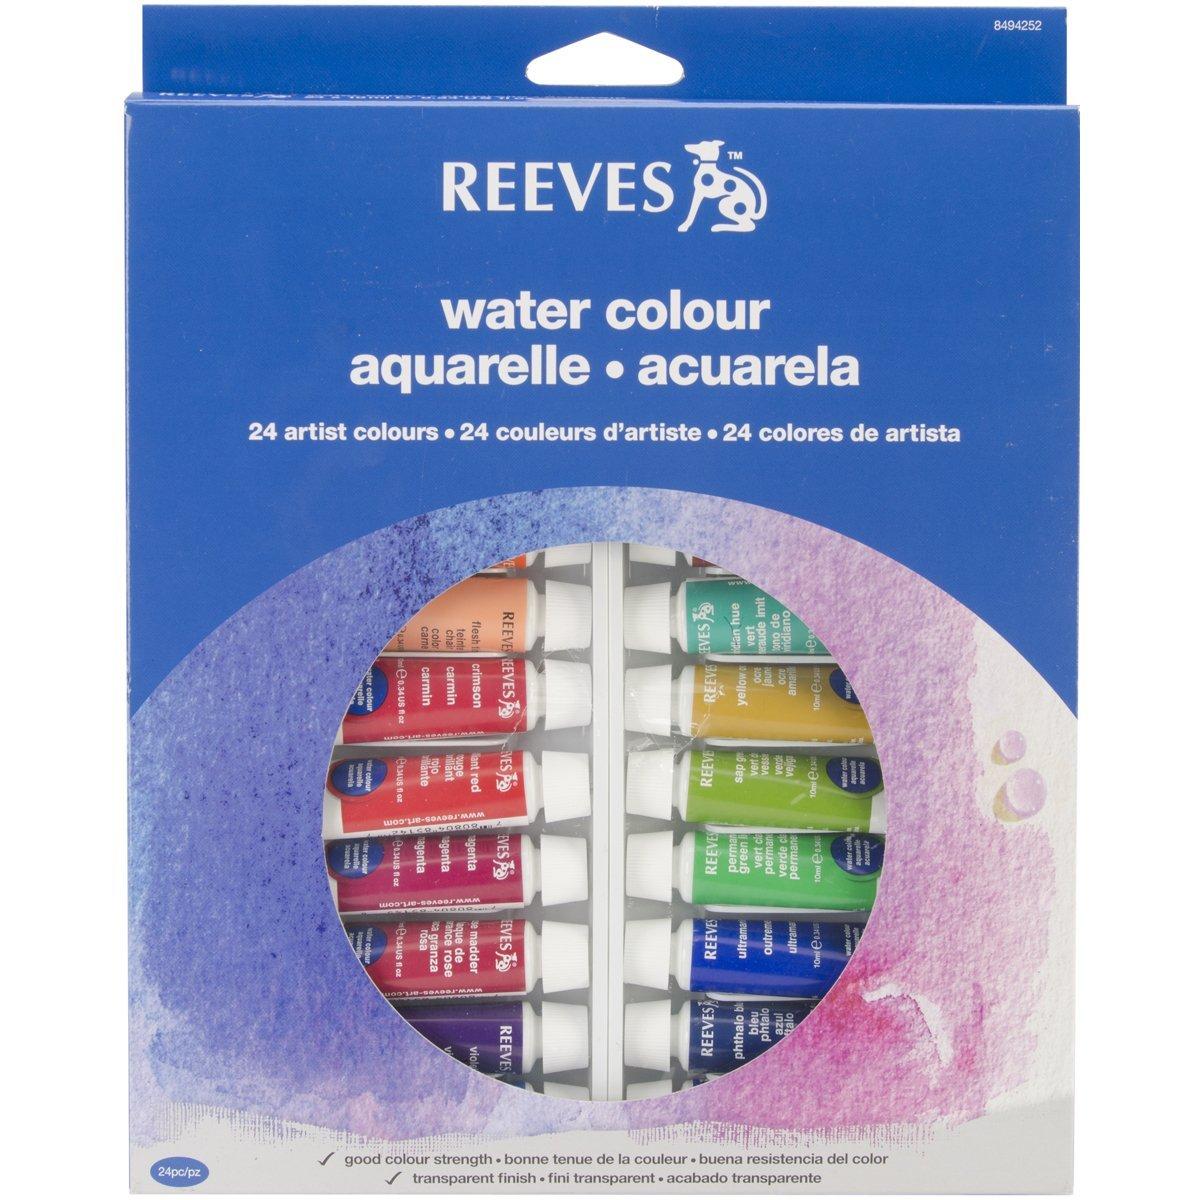 reeves paints 24.jpg